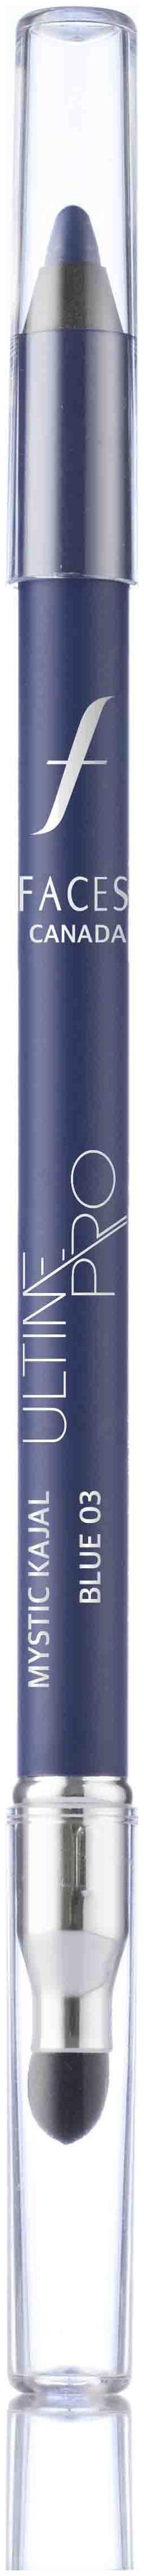 Faces Ultime Pro Mystic Kajal Blue 03 1.2 g With Free Sharpener